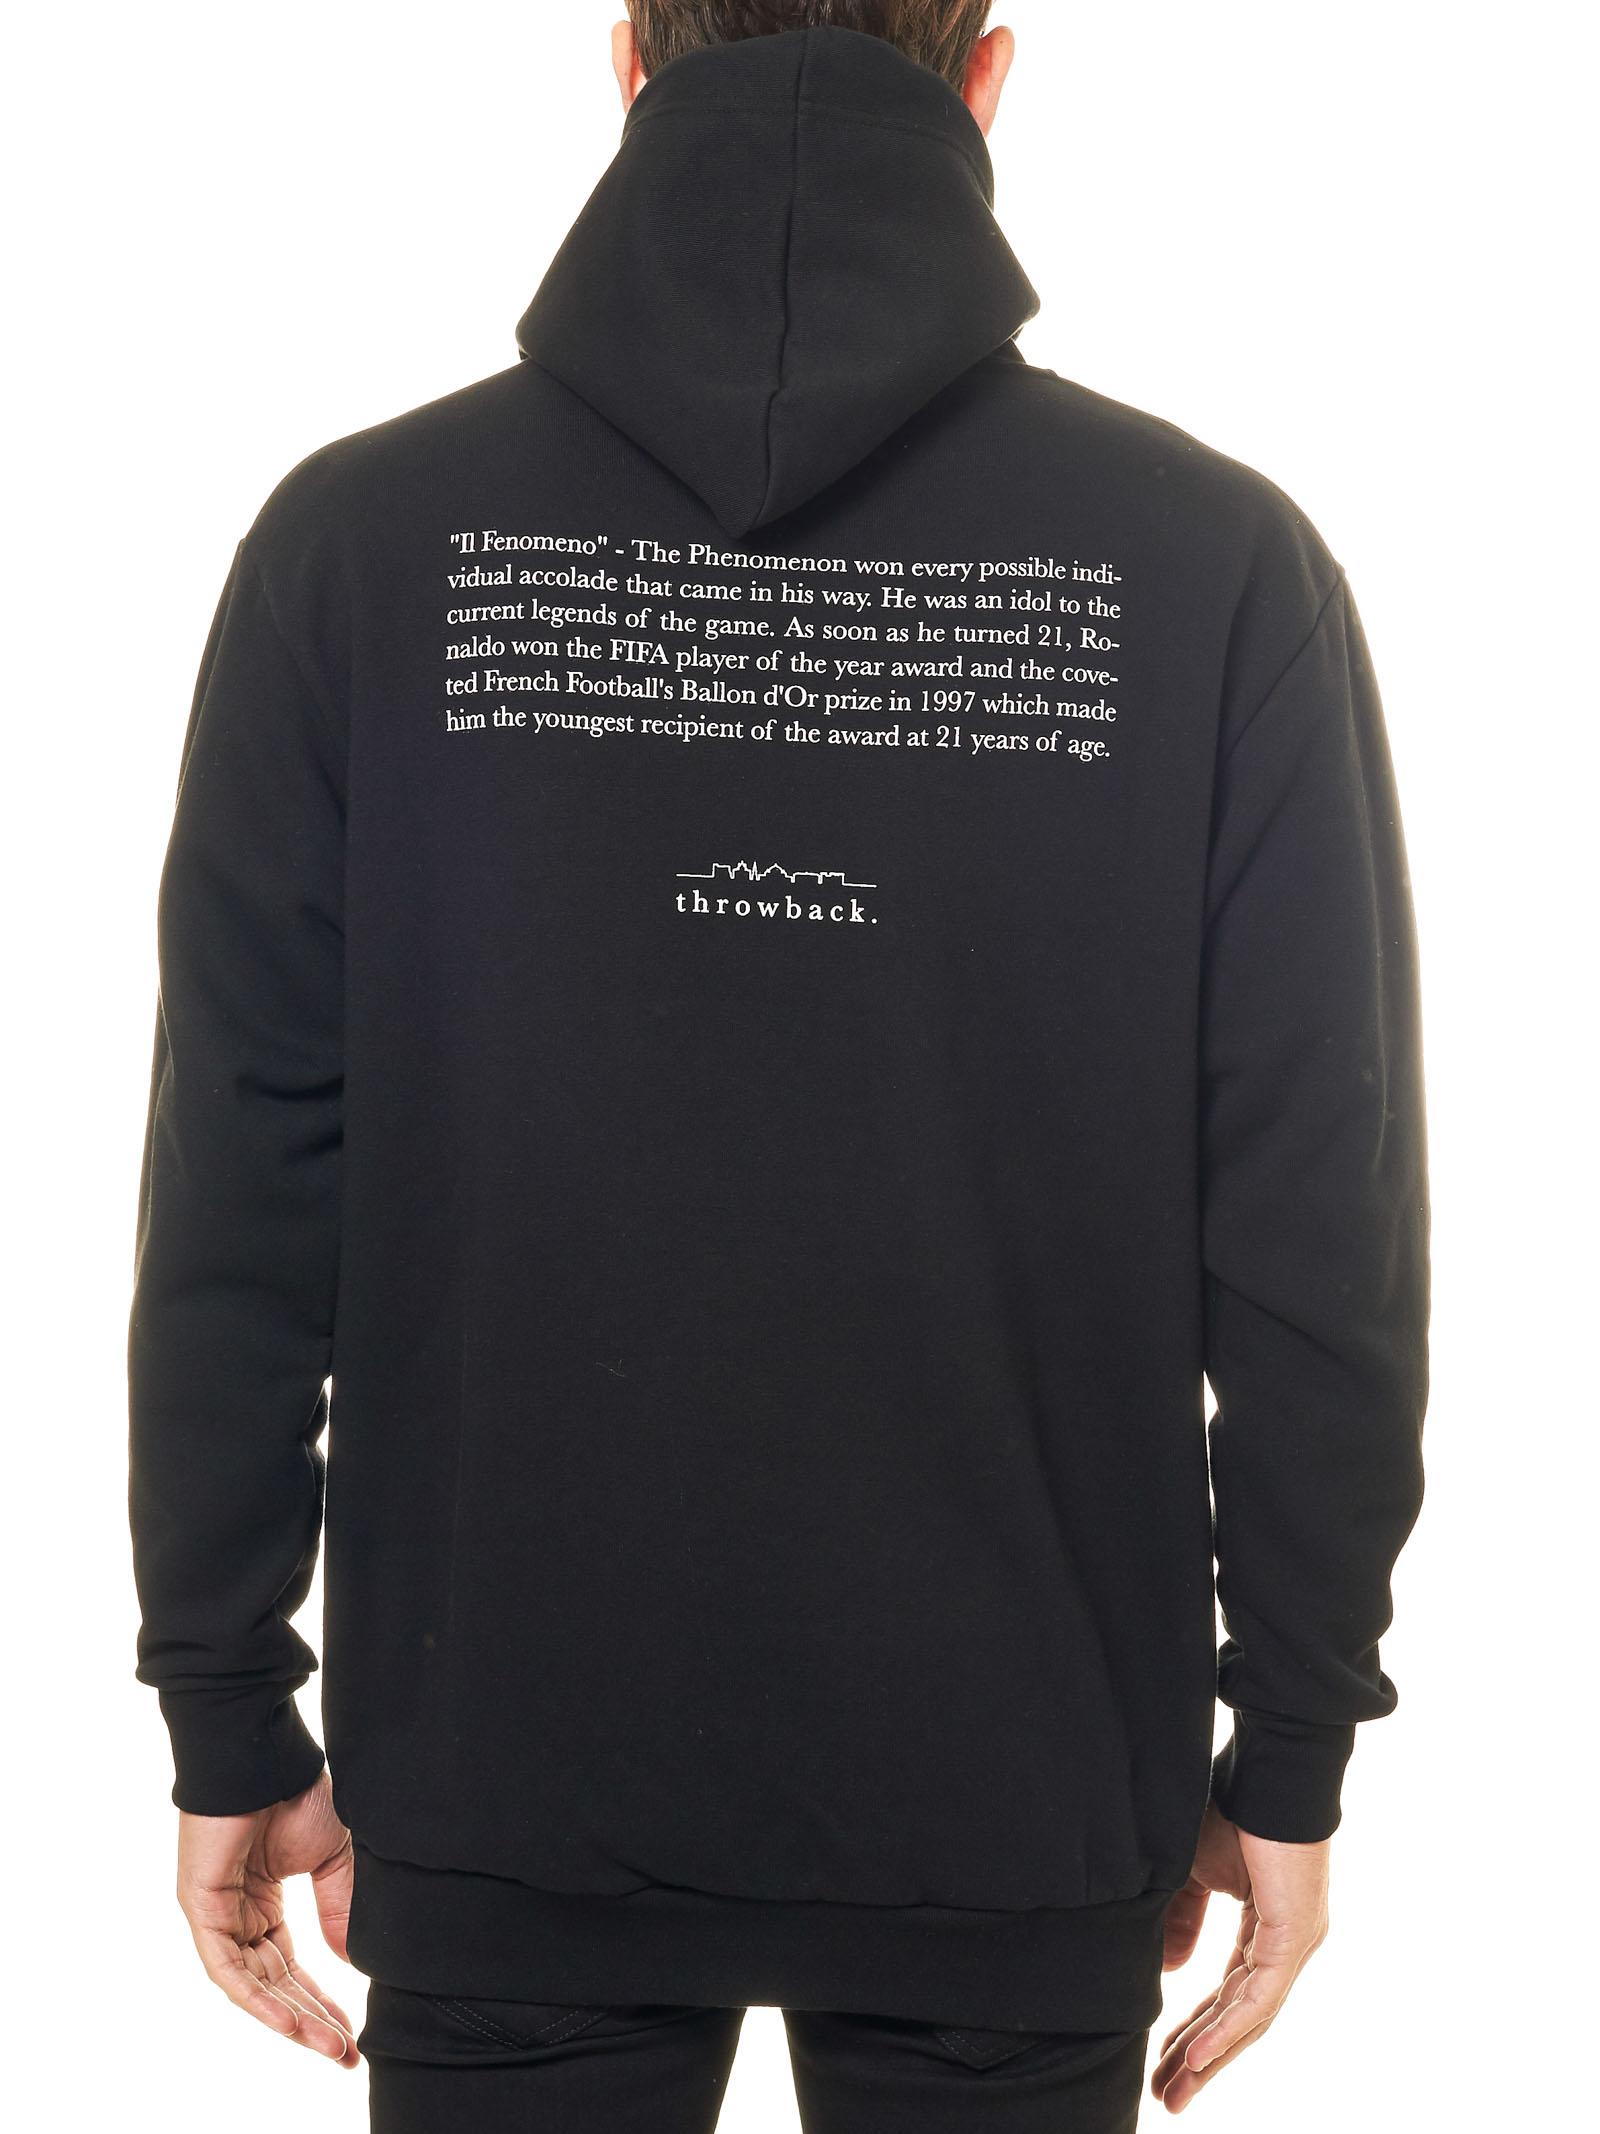 BLACK COTTON SWEATSHIRT WITH FRONT RONNY PRINT THROWBACK | Sweatshirts | TBSRONNYNERO